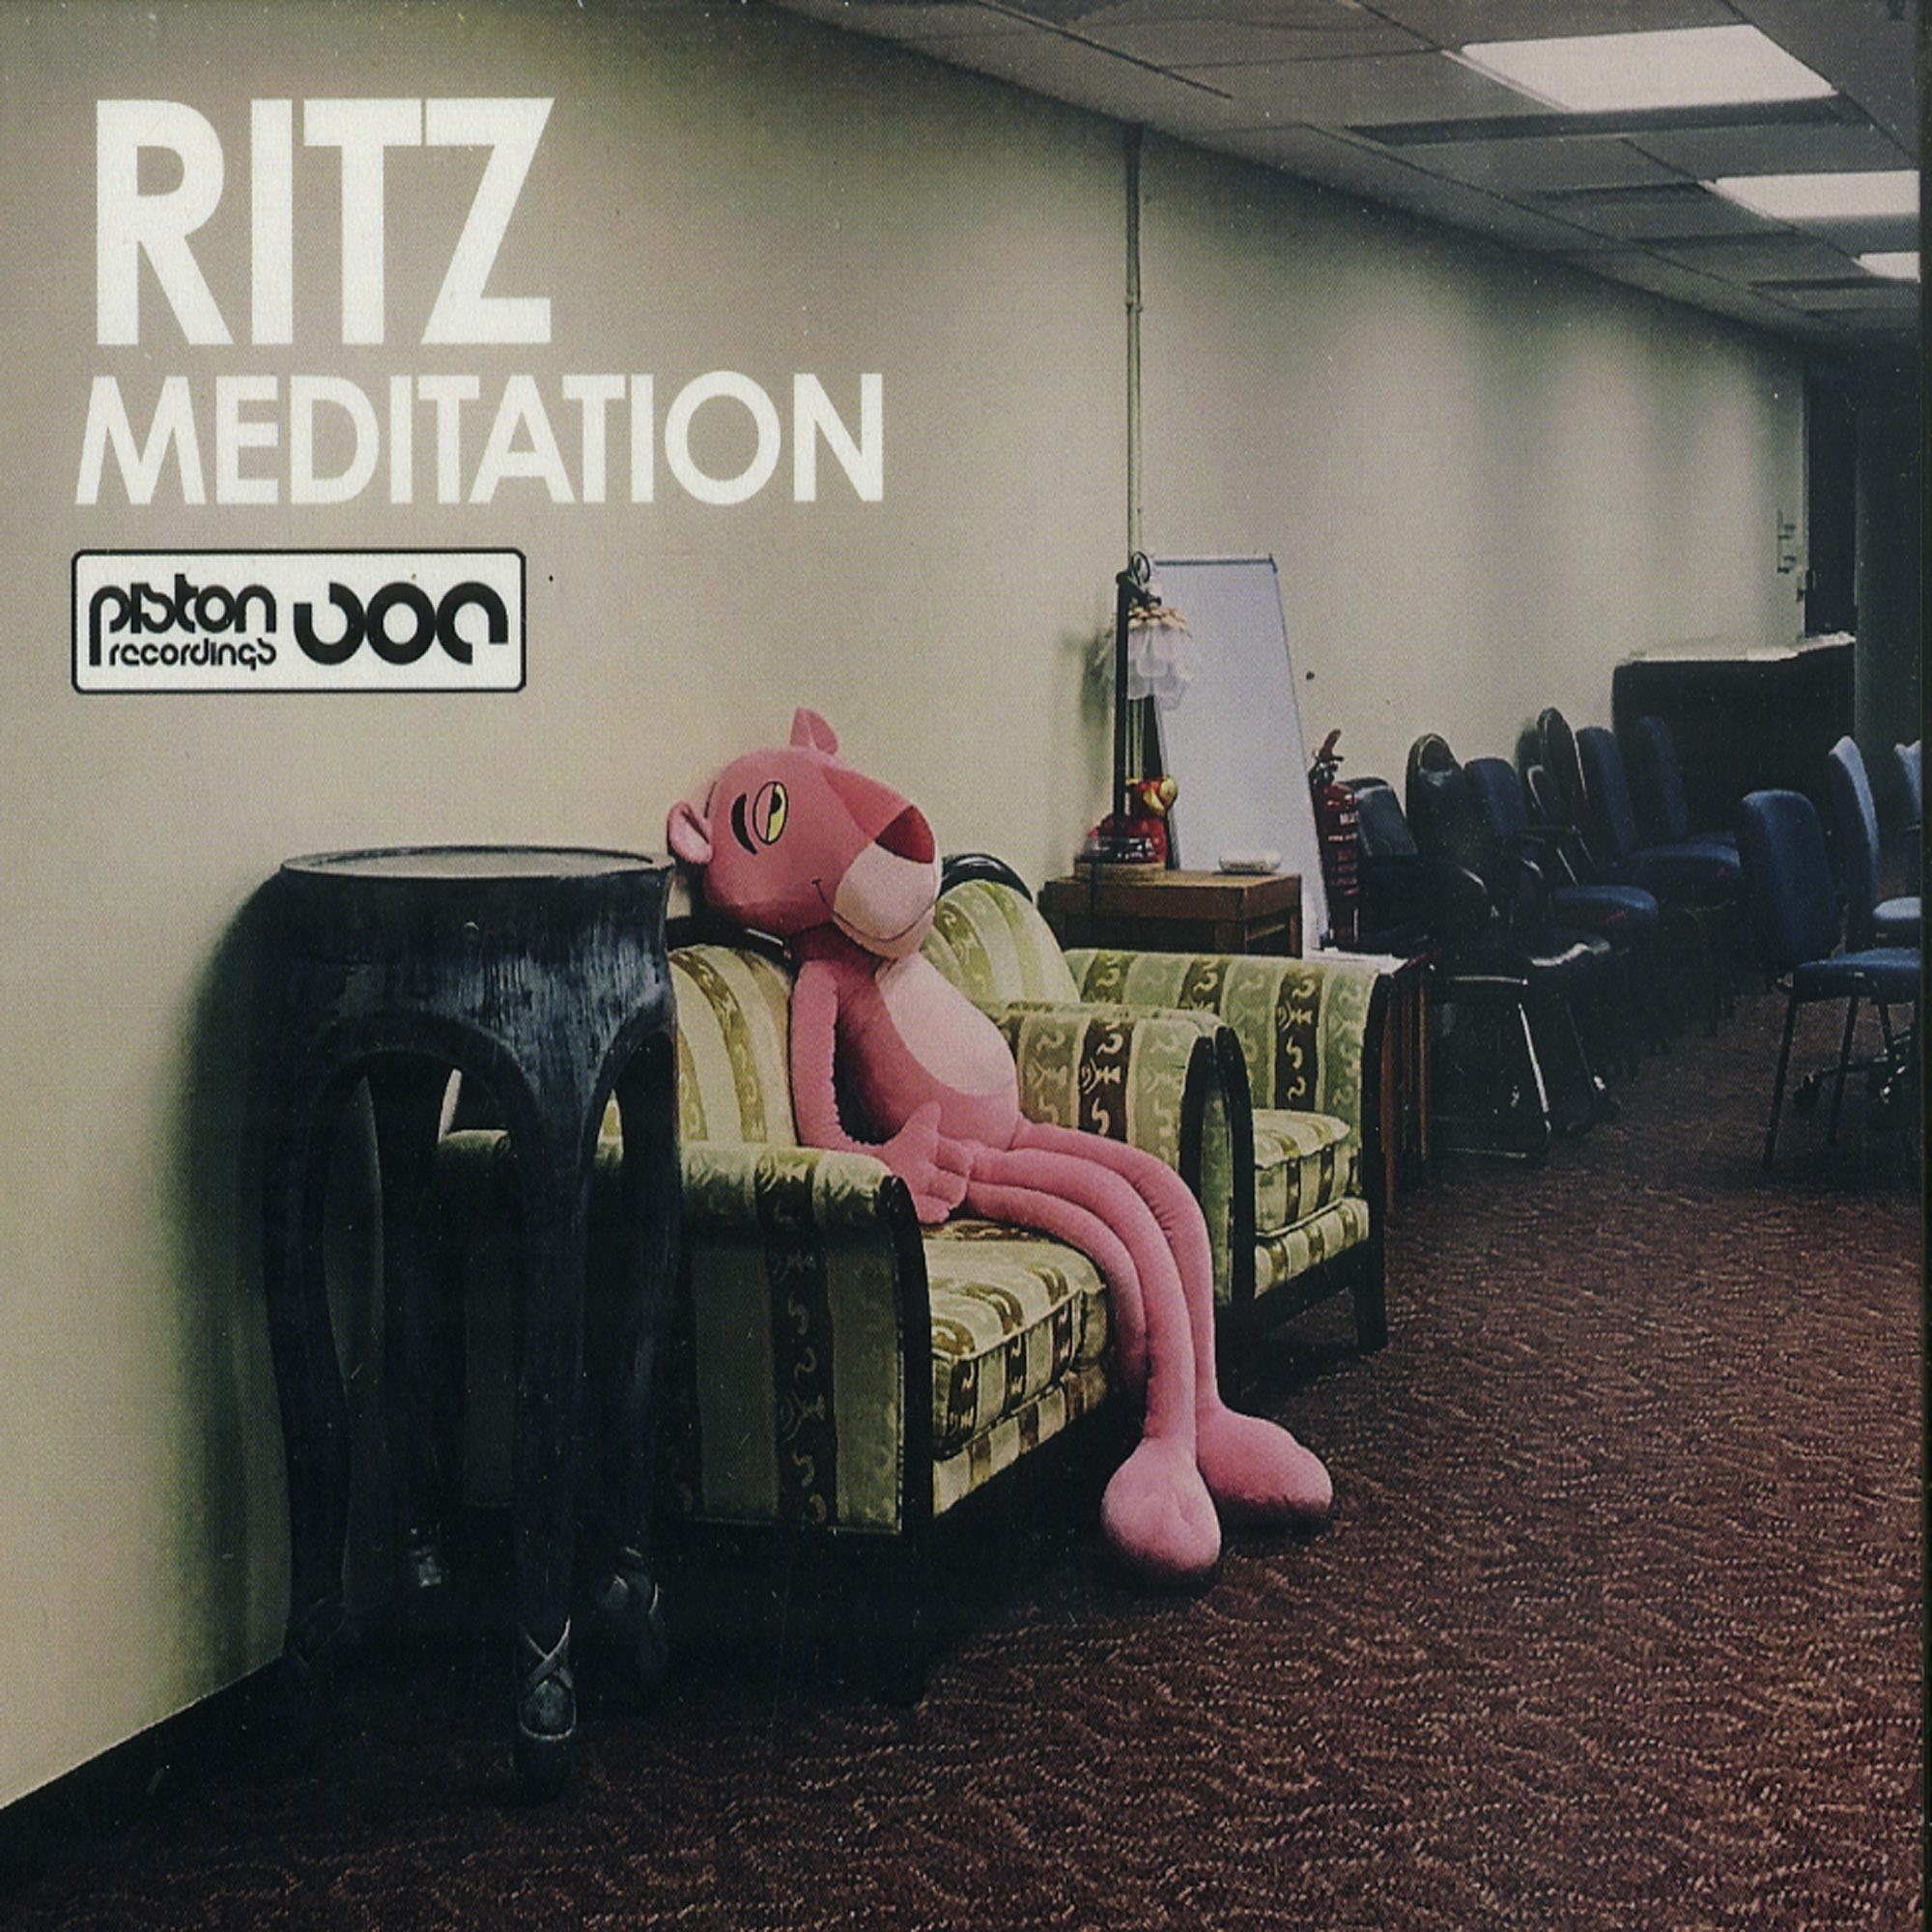 Ritz - MEDITATION